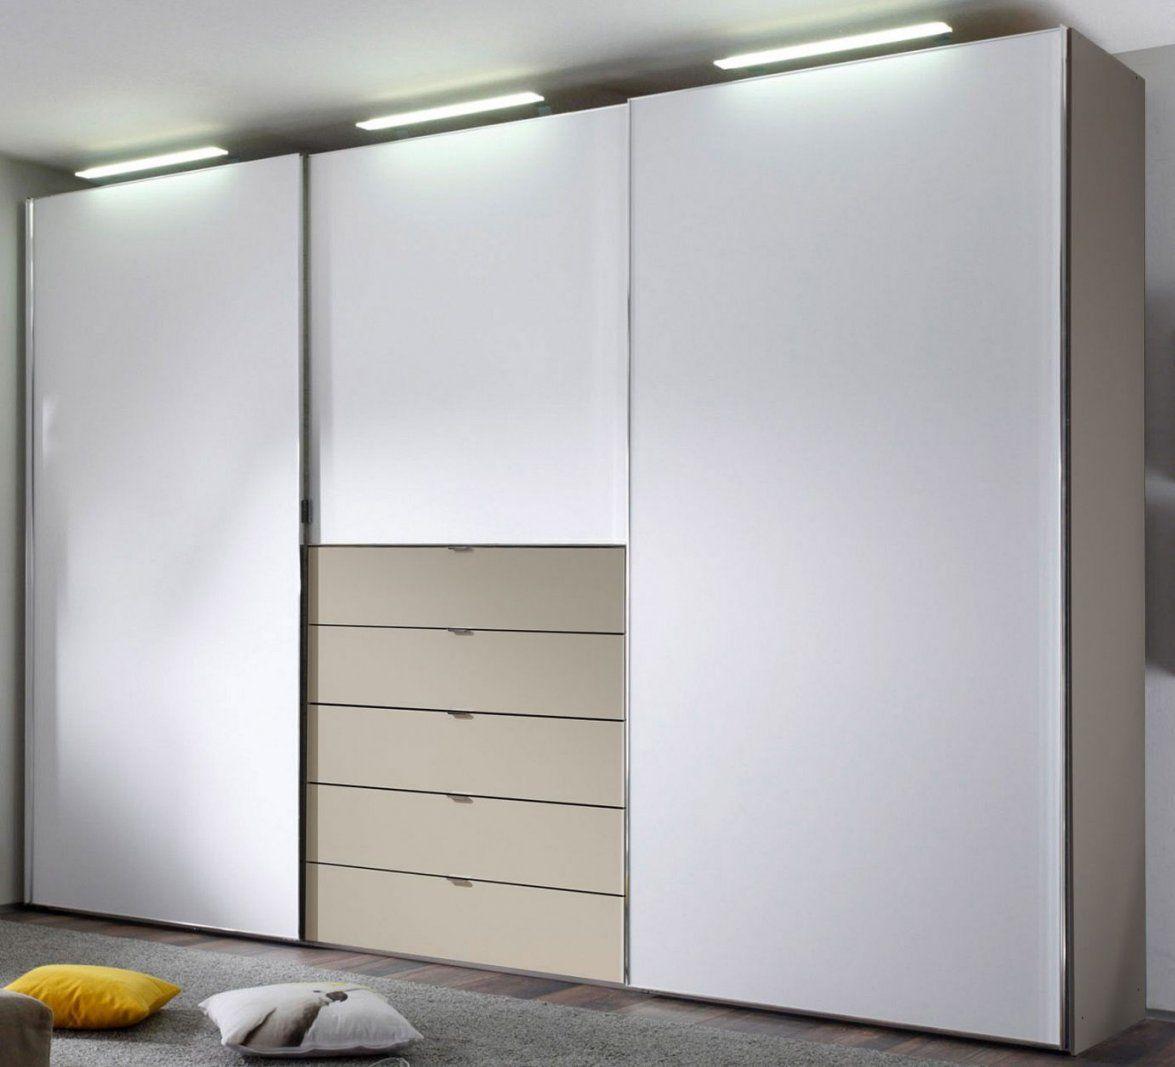 Staud Media Light Kleiderschrank Mit Tv Fach Viele Farben  Möbelmeile24 von Schlafzimmerschrank Mit Tv Fach Bild